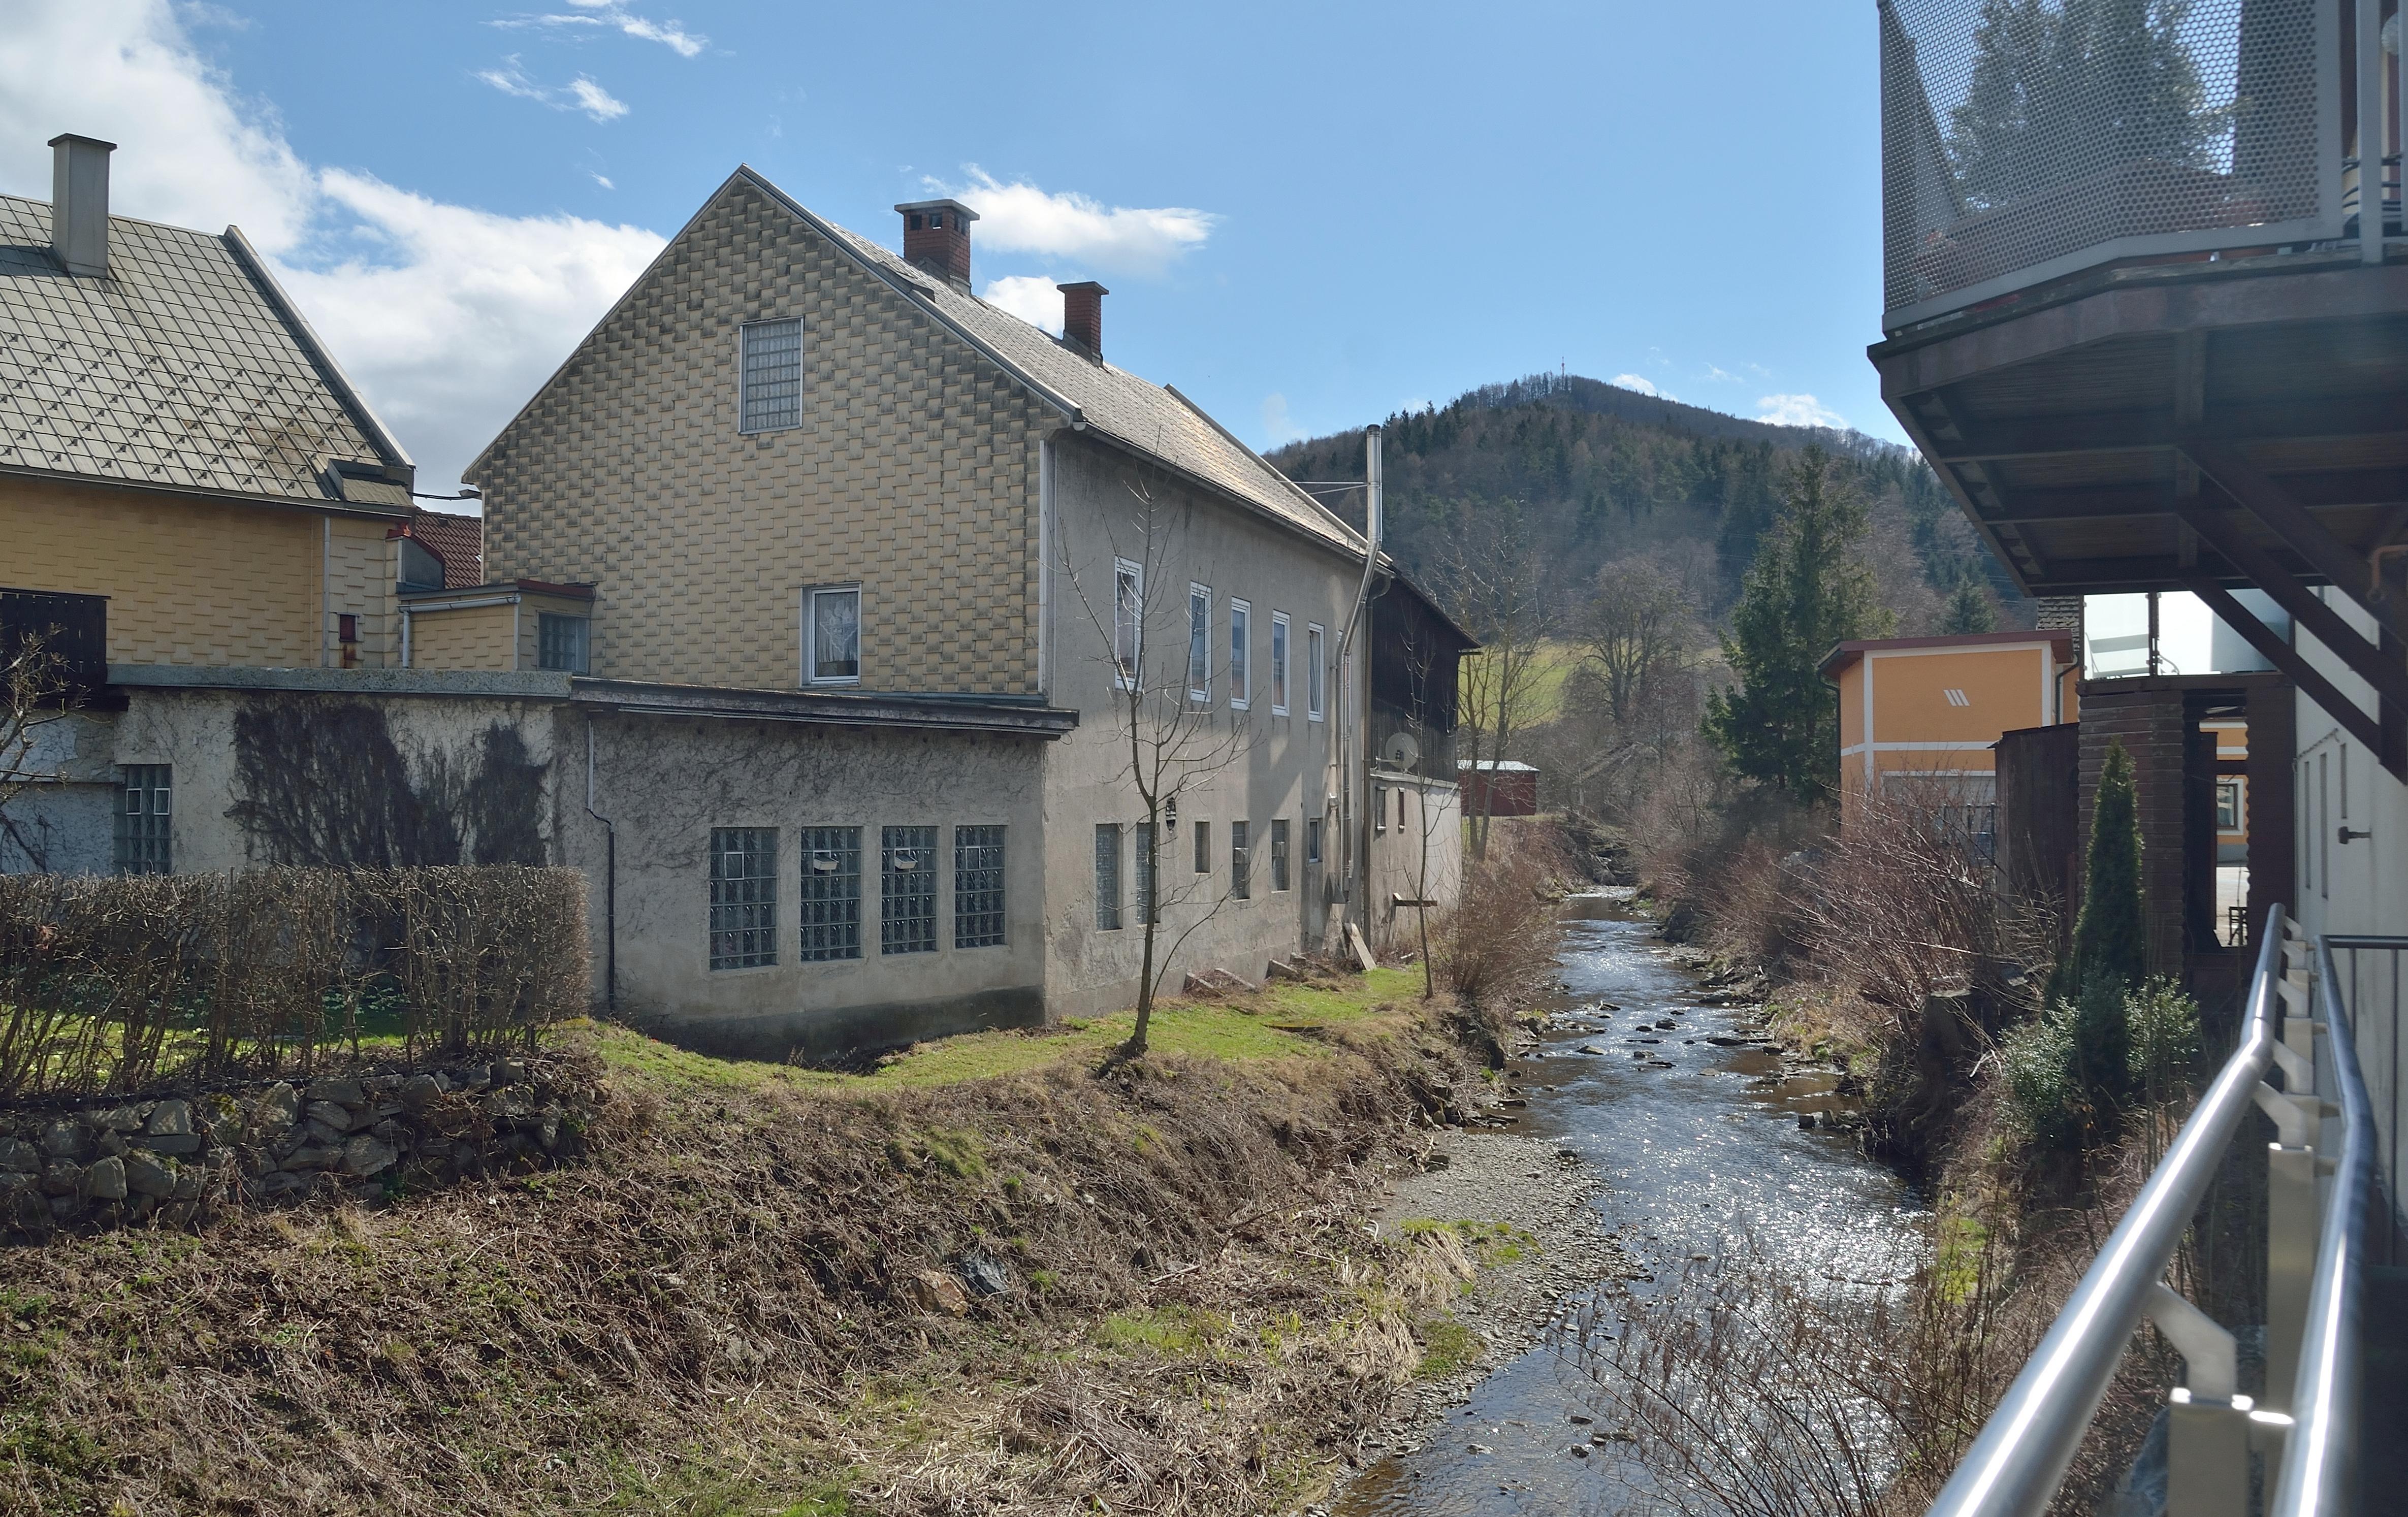 Hainfeld | Niedersterreich (Westen): Rk. Dizese St. Plten